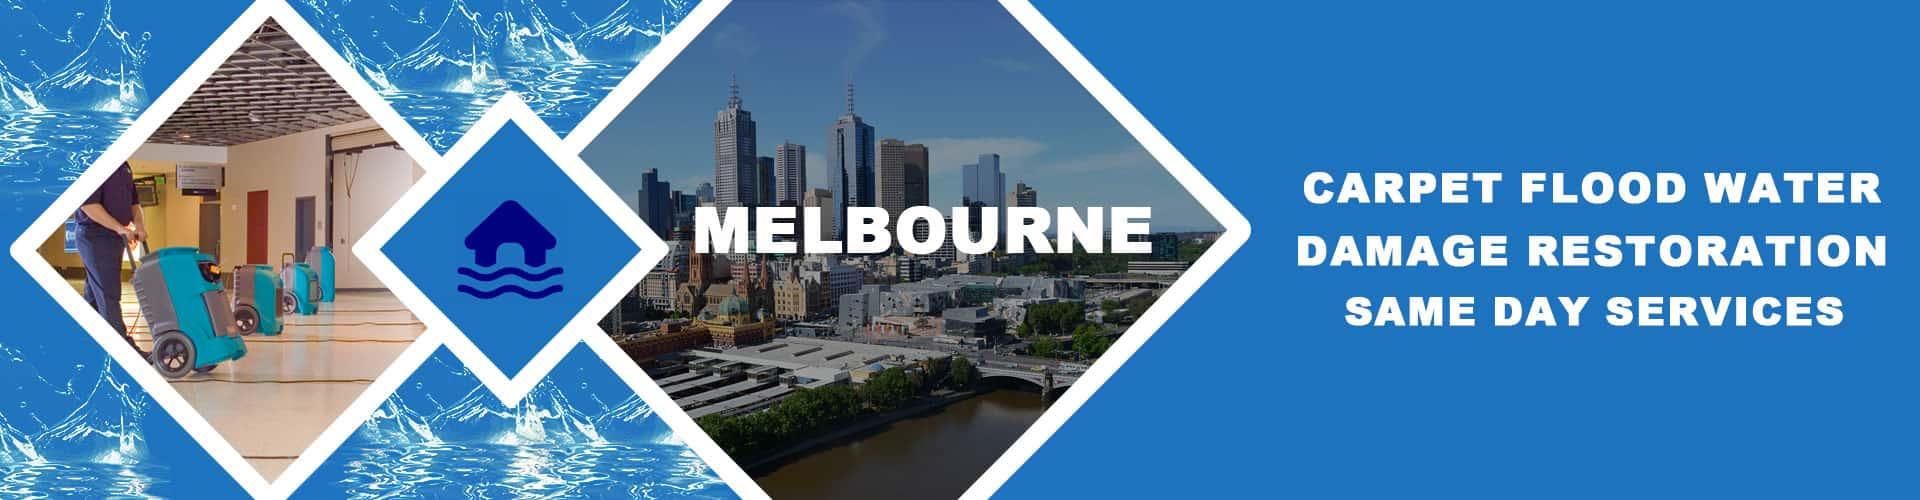 Carpet Flood Water Damage Restoration Services Melbourne